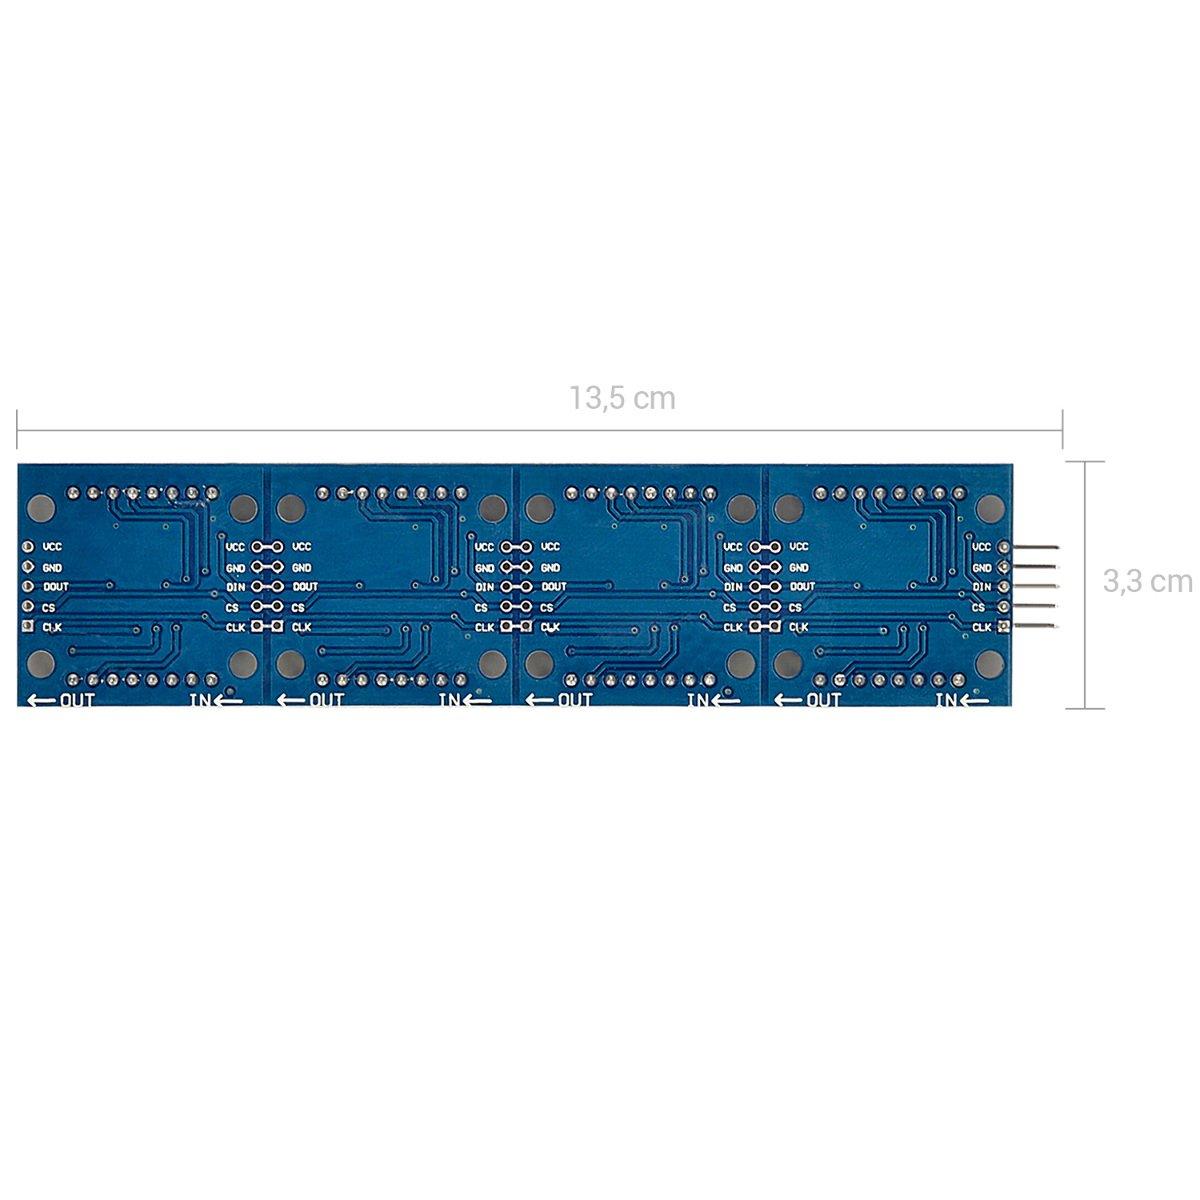 Pantalla LED Arduino y Raspberry Pi kwmobile Matriz LED 8 x 32 M/ódulo de Matriz para Raspberry Pi y Arduino